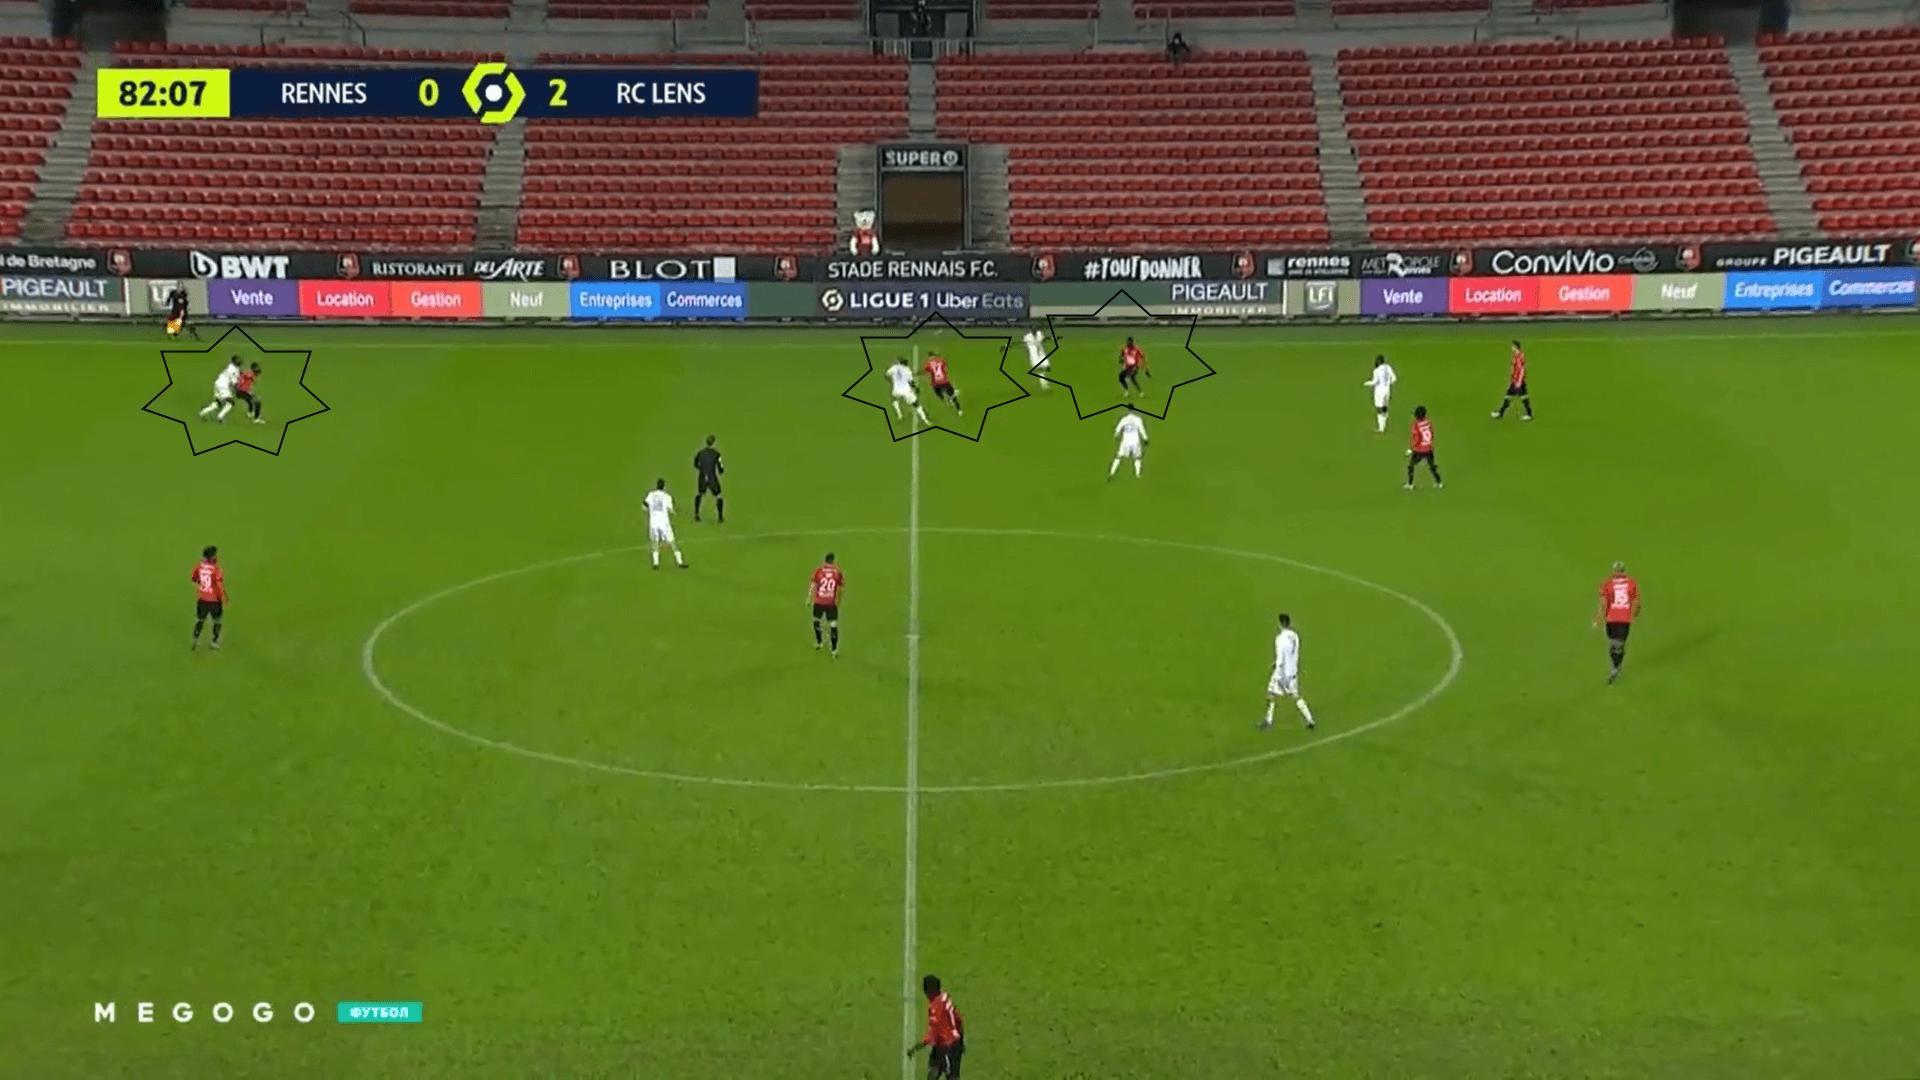 Ligue 1 2020/21: Rennes vs Lens - tactical analysis tactics